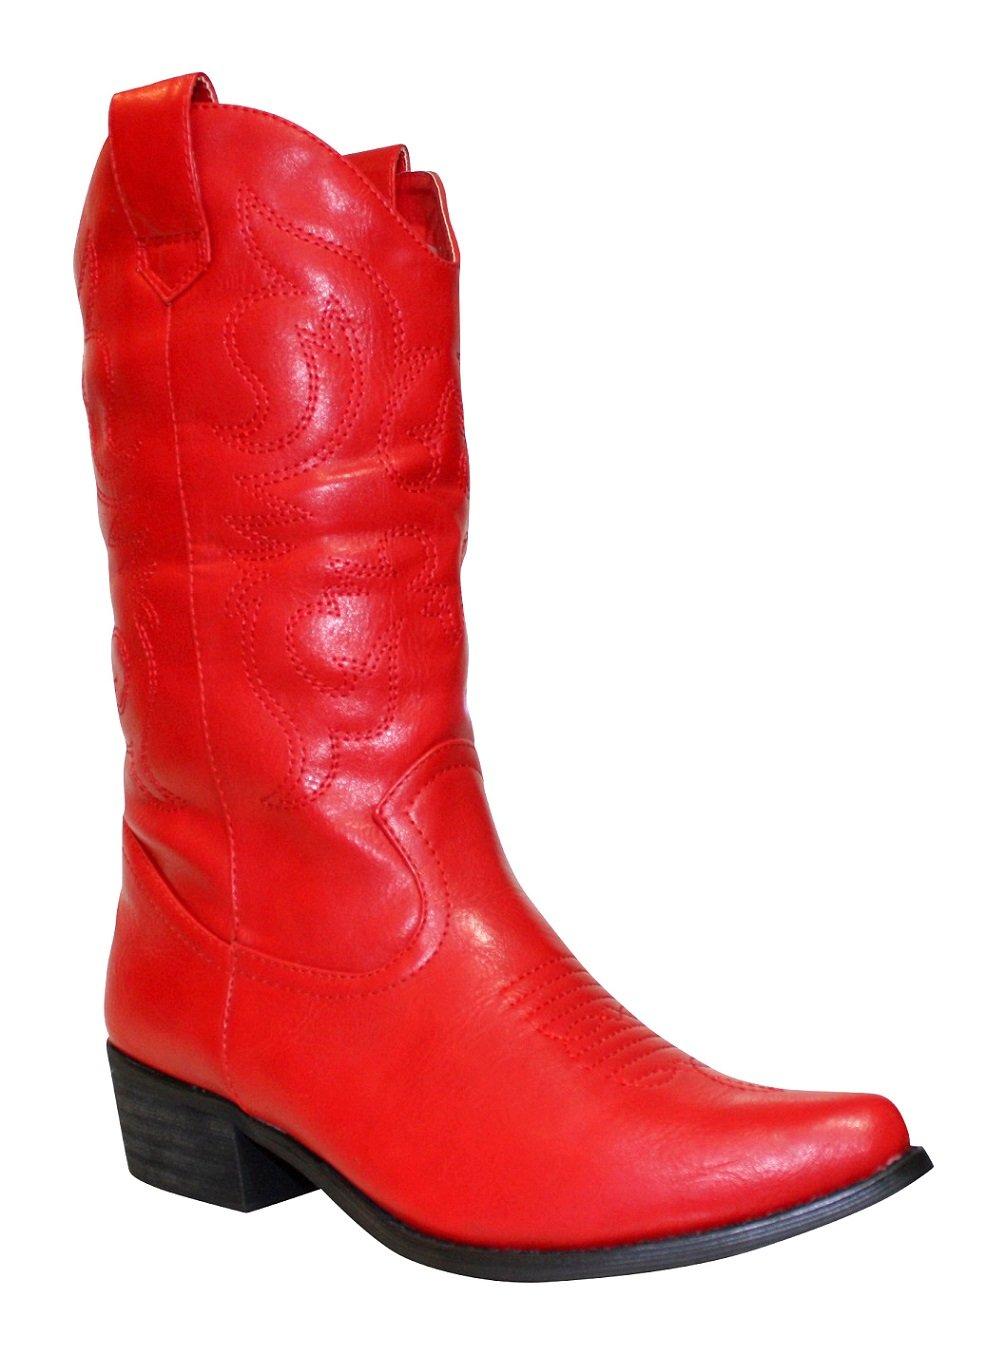 Surdelle - Botas de piel sintética Mujer Rojo